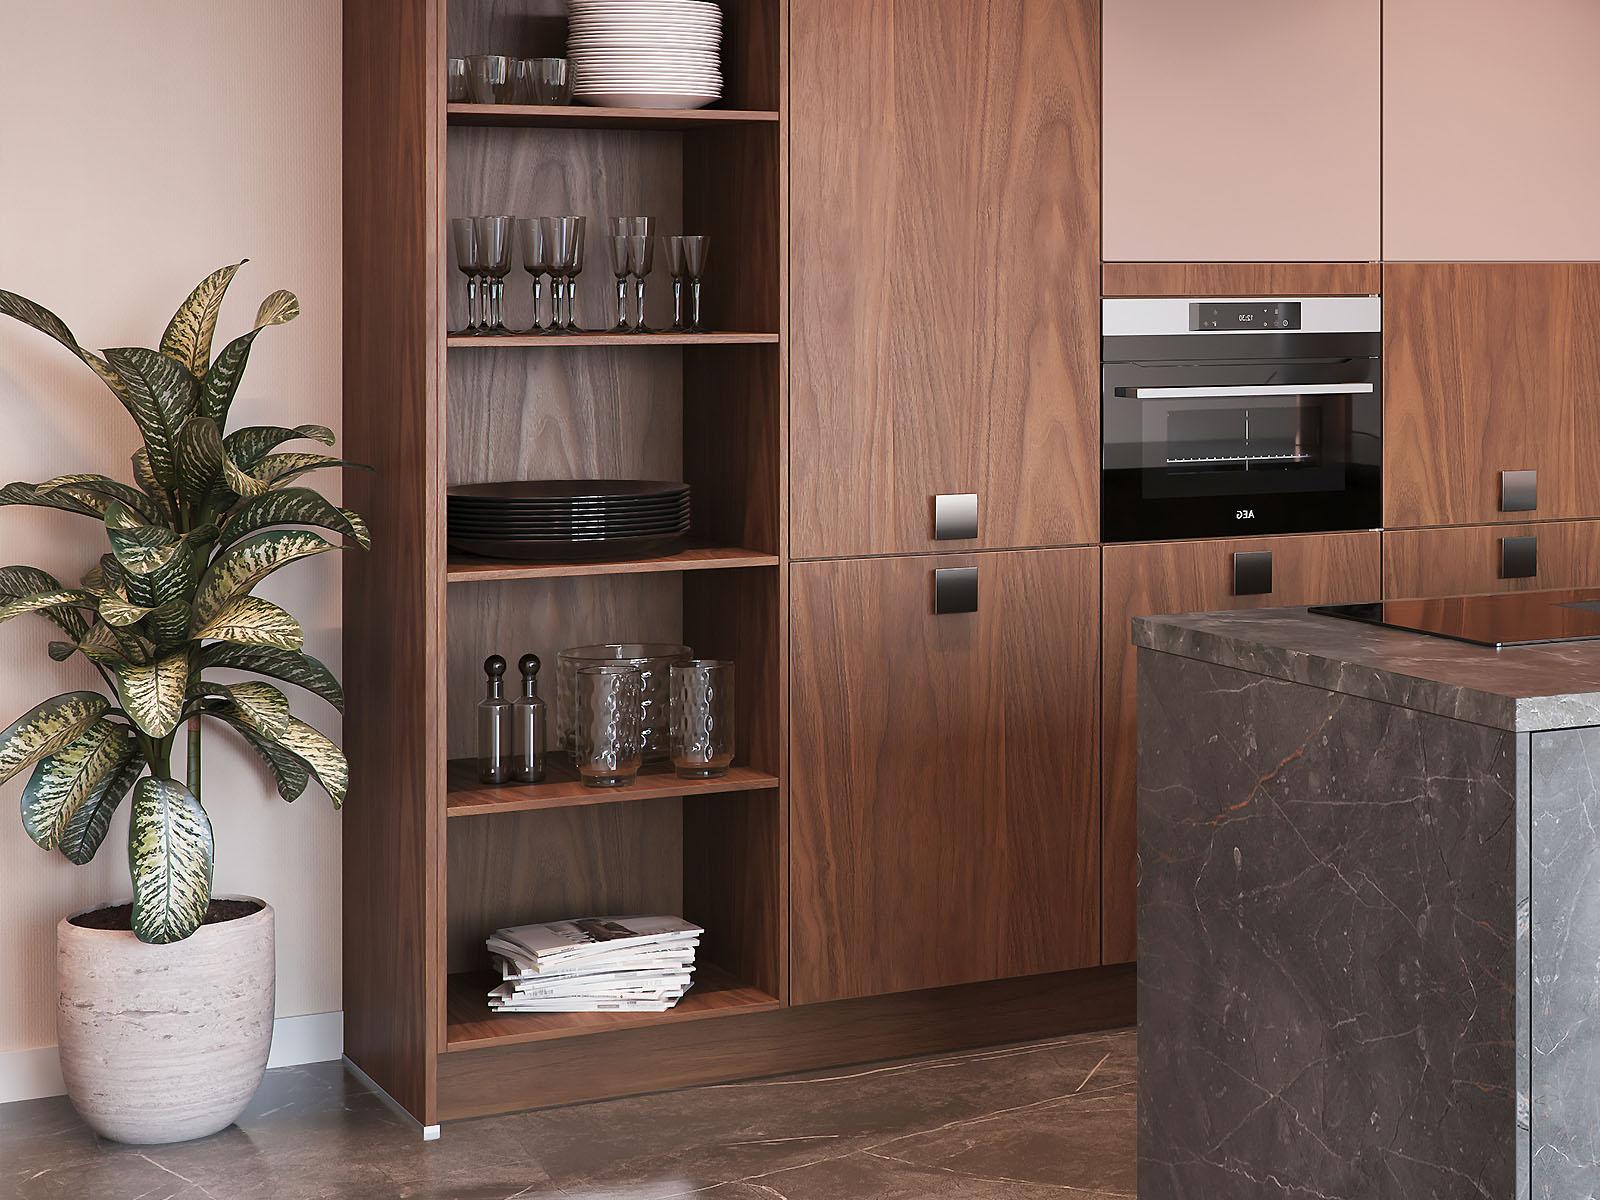 closet-plant-oven-kitchen